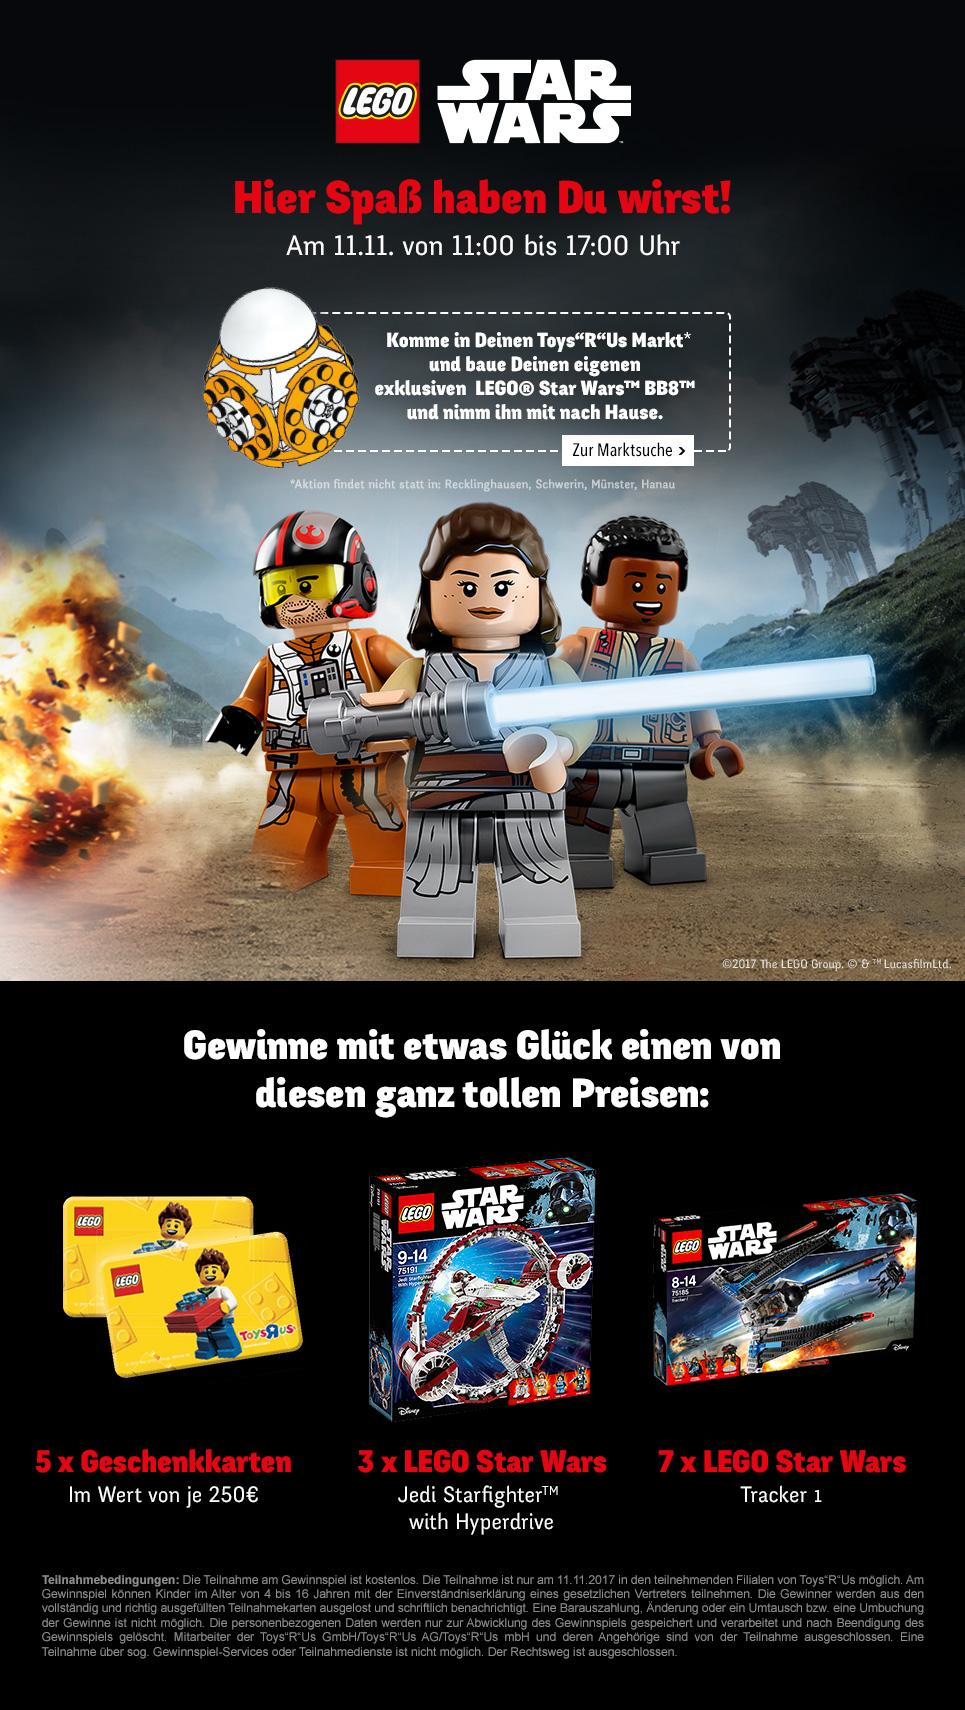 [ToysRUs] Gratis LEGO Star Wars BB8 zum Zusammenbauen und Mitnehmen am 11.11.2017 von 11 Uhr bis 17 Uhr